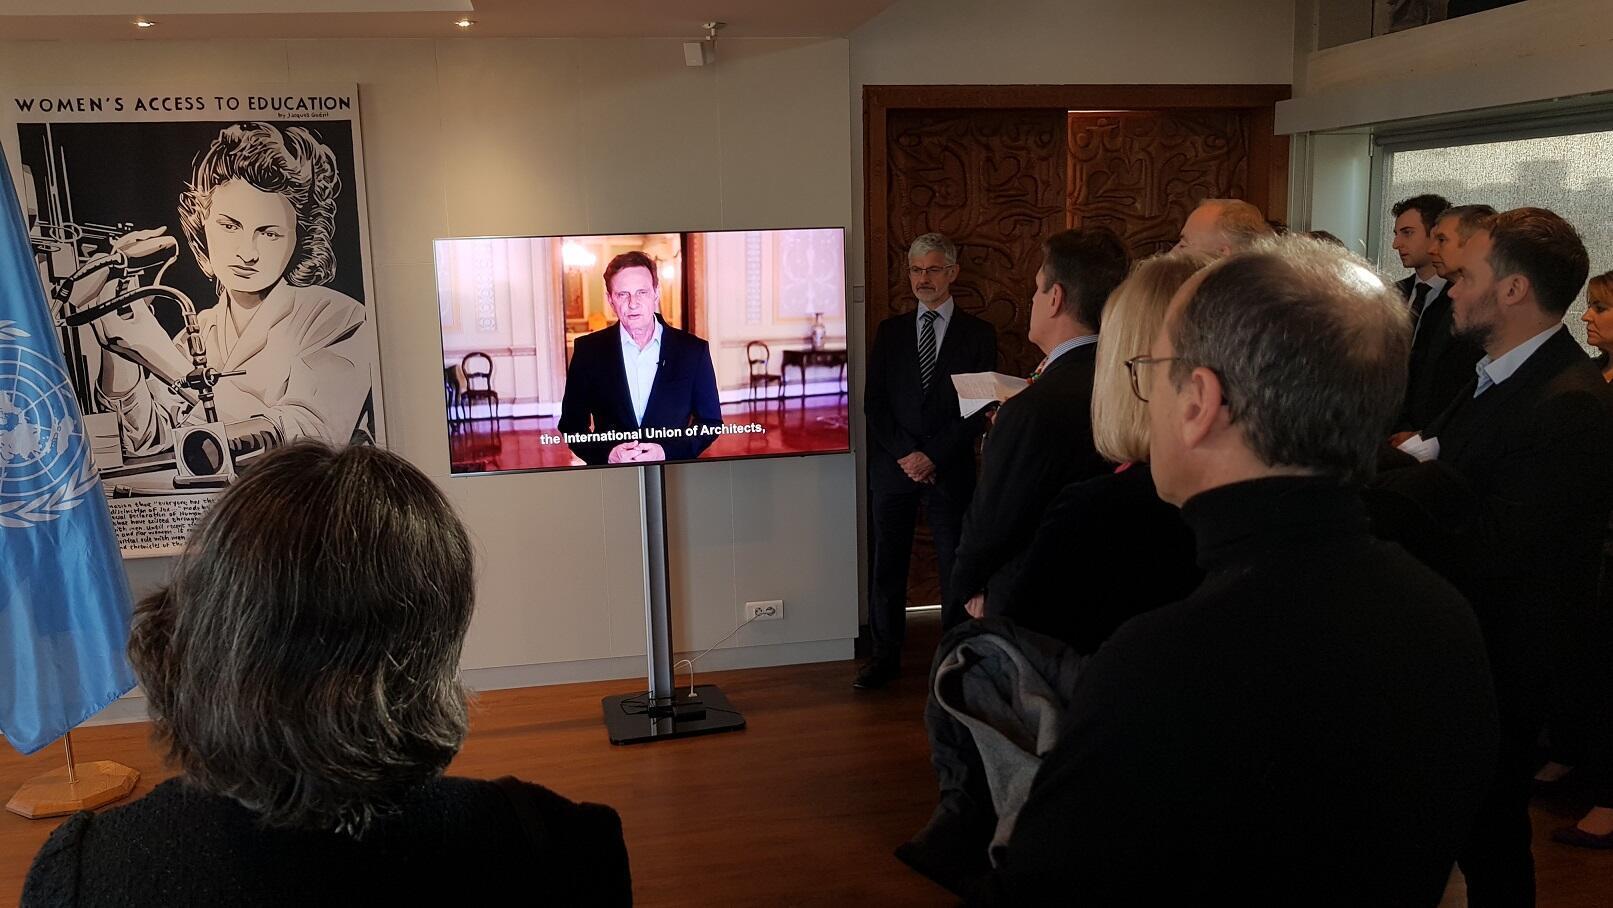 Vídeo do prefeito do Rio de Janeiro, Marcelo Crivella, sendo mostrado em cerimônia na Unesco, Paris 18/01/2019